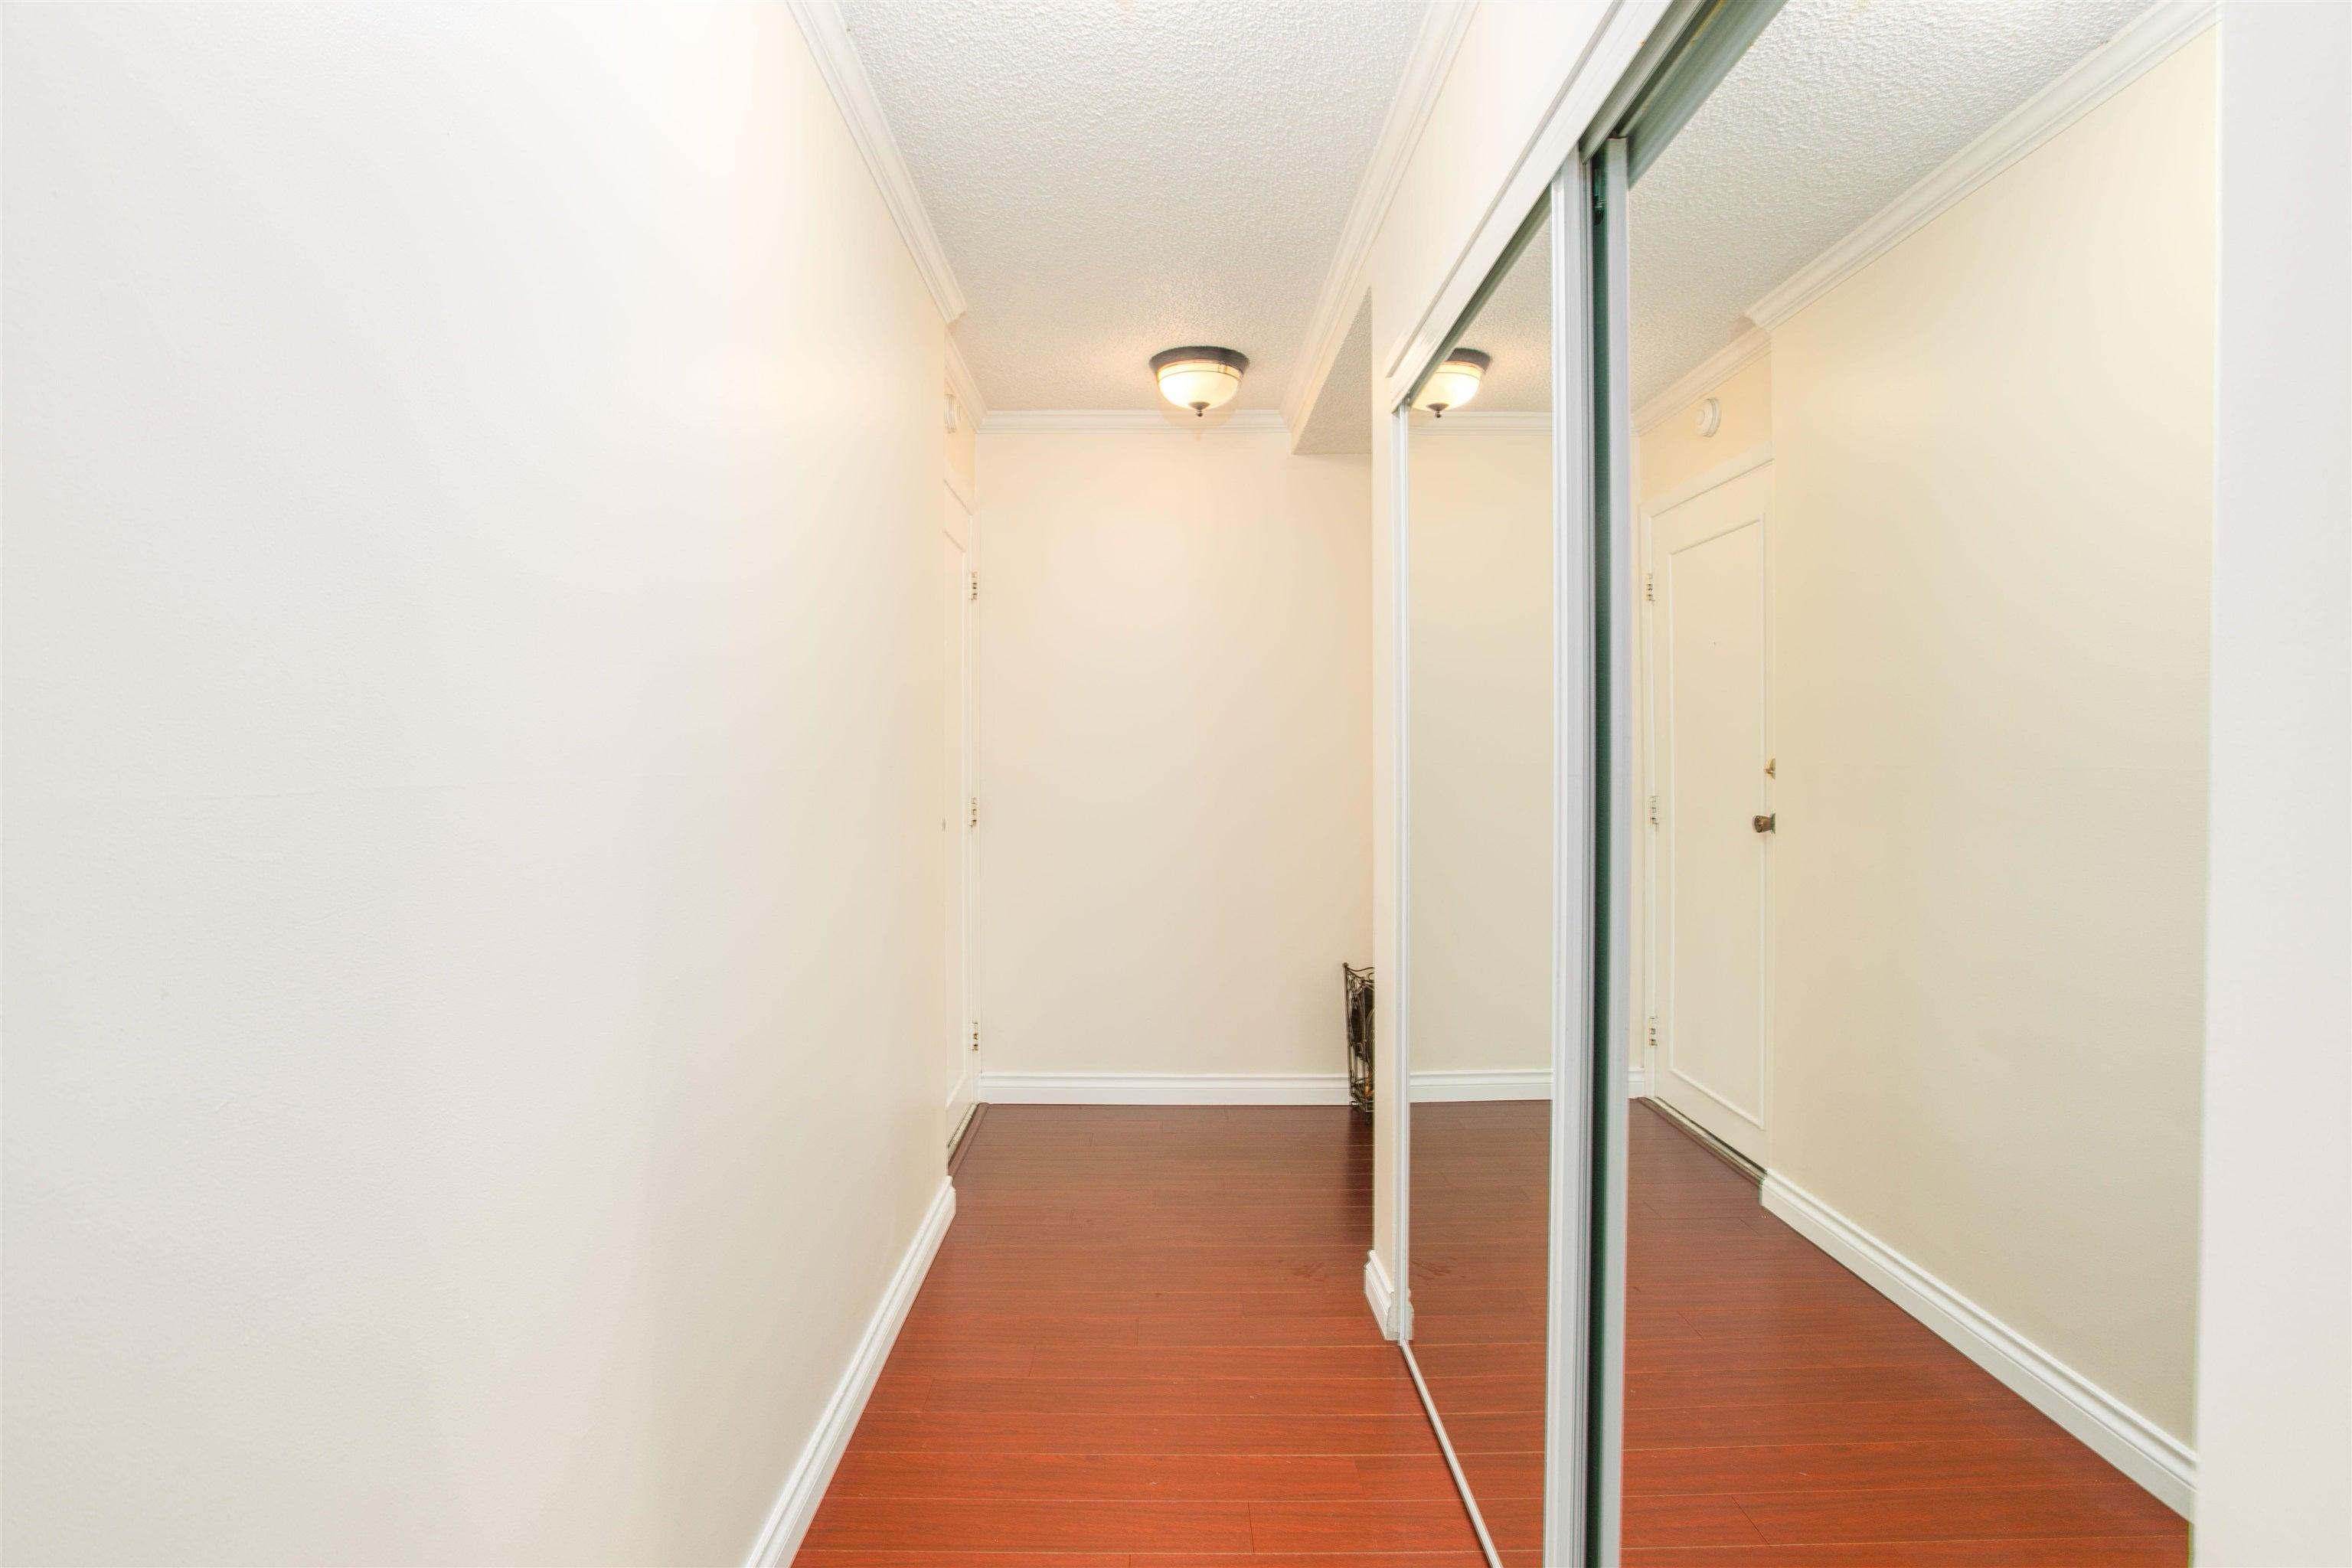 203 1390 DUCHESS AVENUE - Ambleside Apartment/Condo for sale, 1 Bedroom (R2611618) - #15